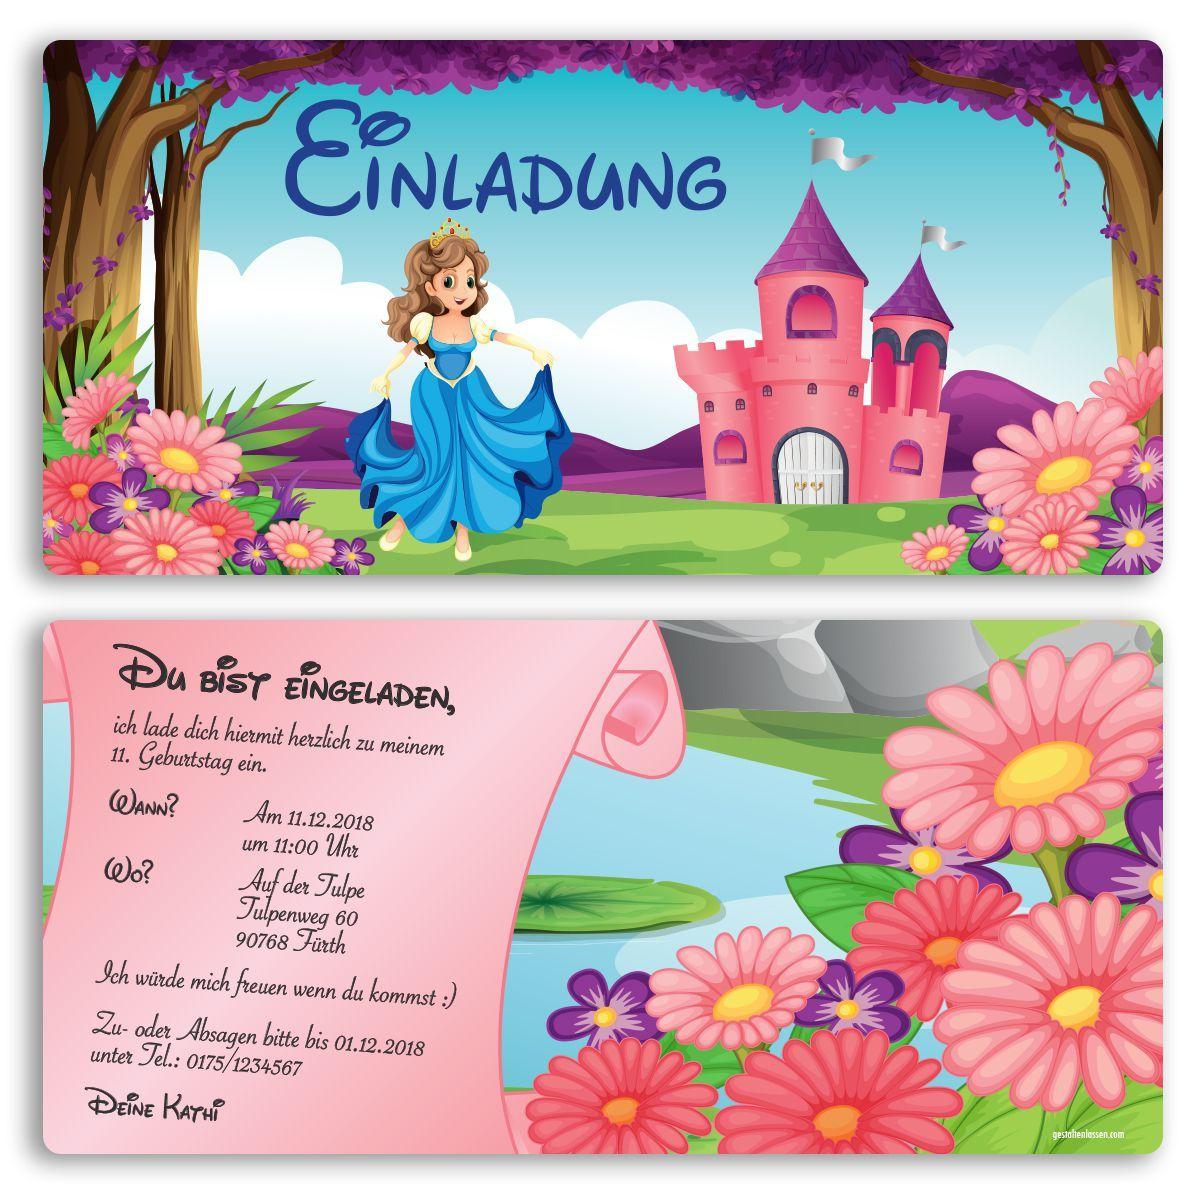 Schön Einladungskarten Geburtstag Kinder : Einladungskarten Geburtstag  Kindergeburtstag Download   Kindergeburtstag Einladung   Kindergeburtstag  Einladung